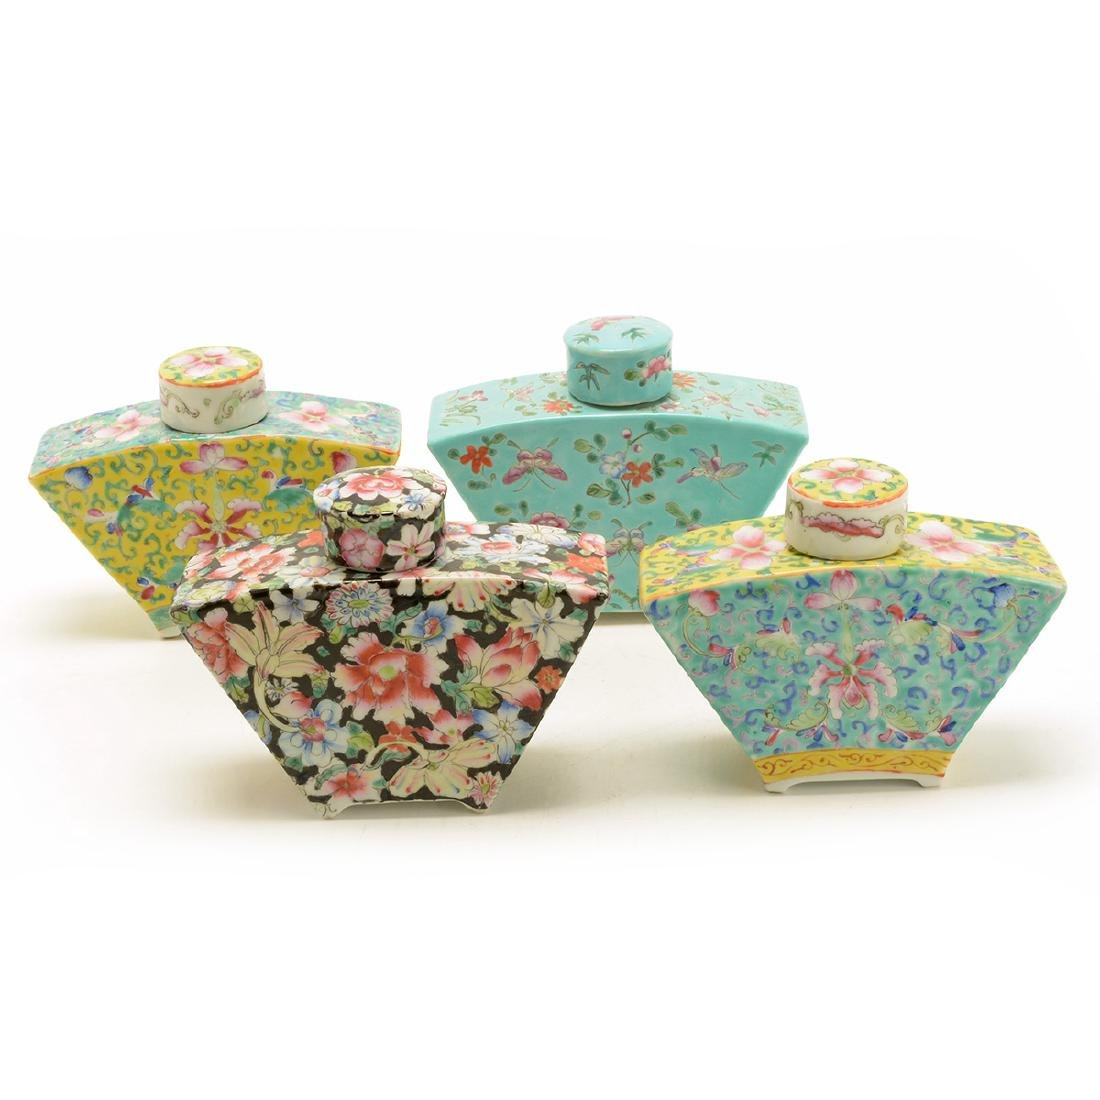 Four Famille Rose Tea Caddies, Republic Period